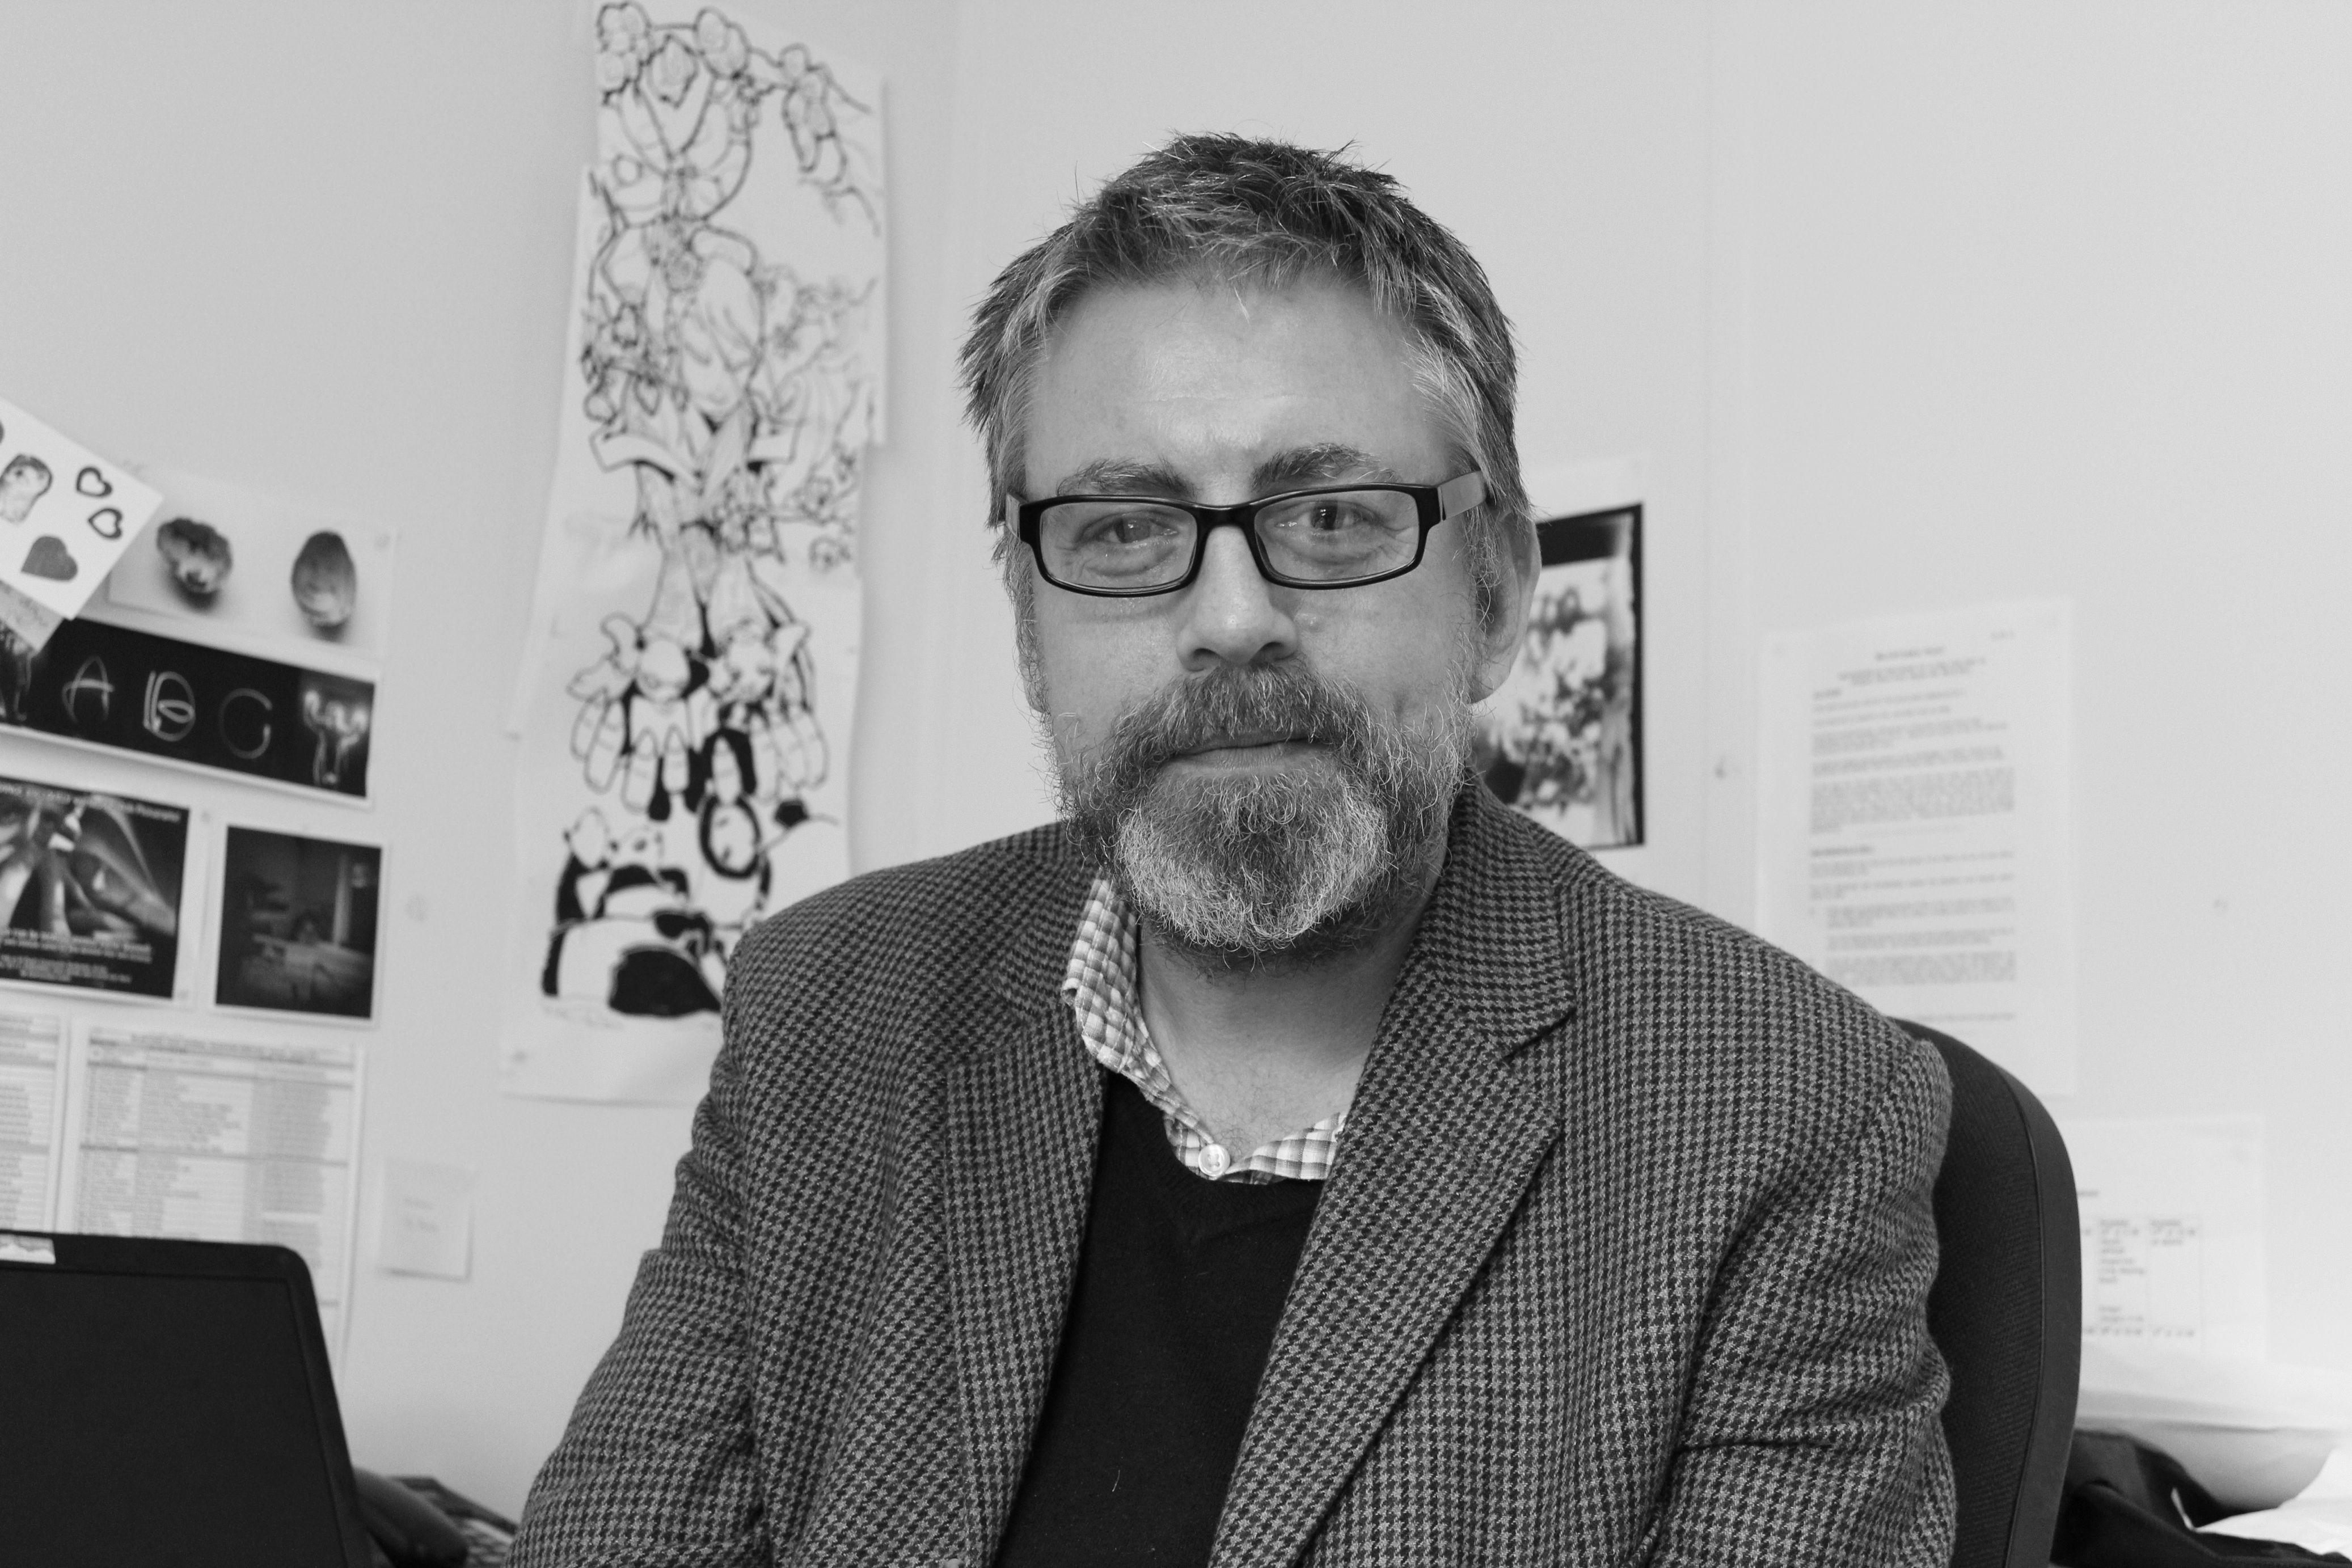 Jeff Parry